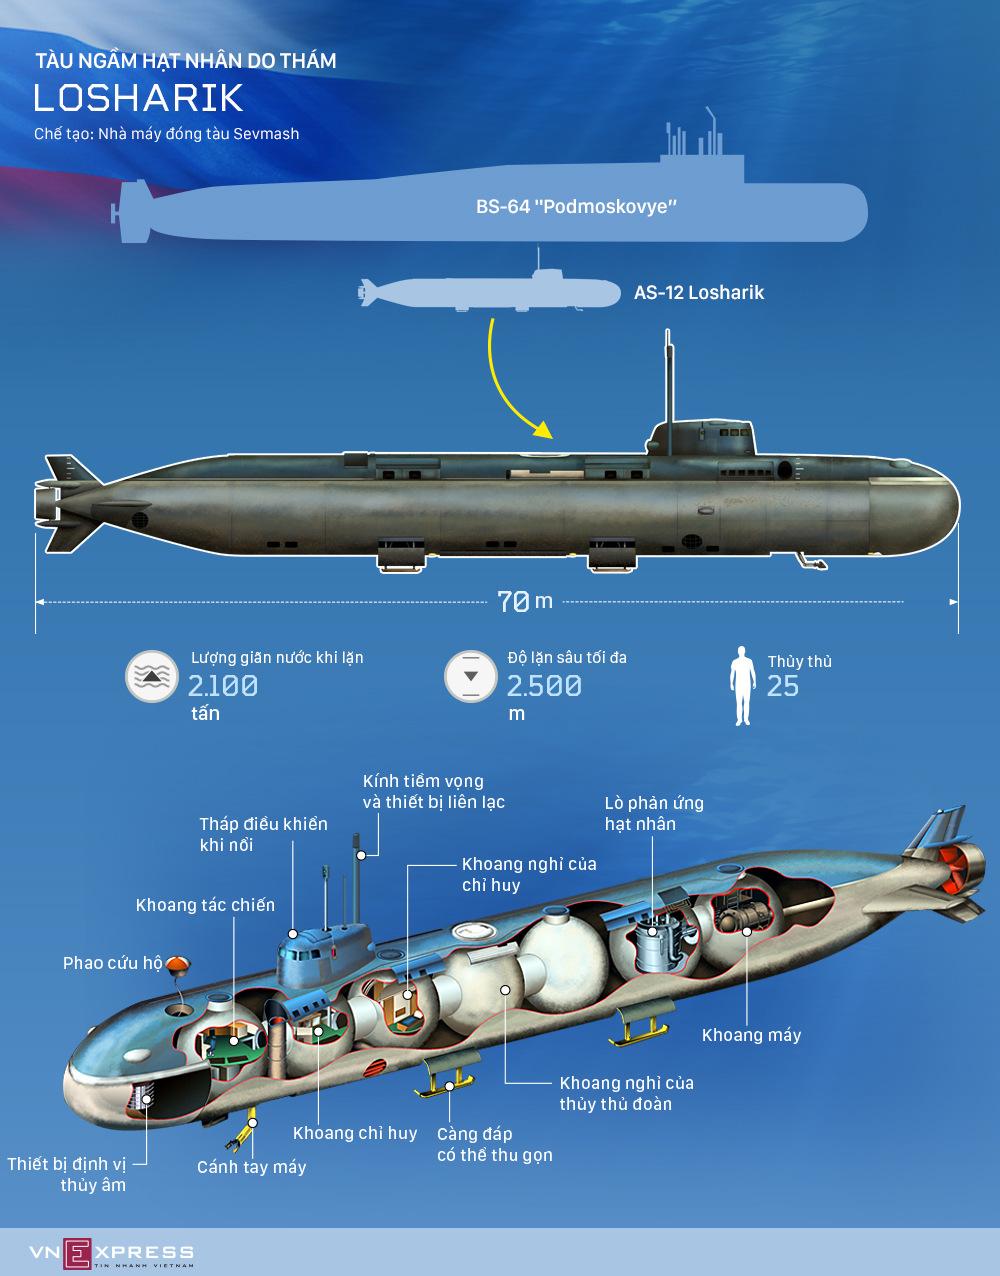 Cấu tạo mẫu tàu ngầm hạt nhân do thám bí mật của Nga